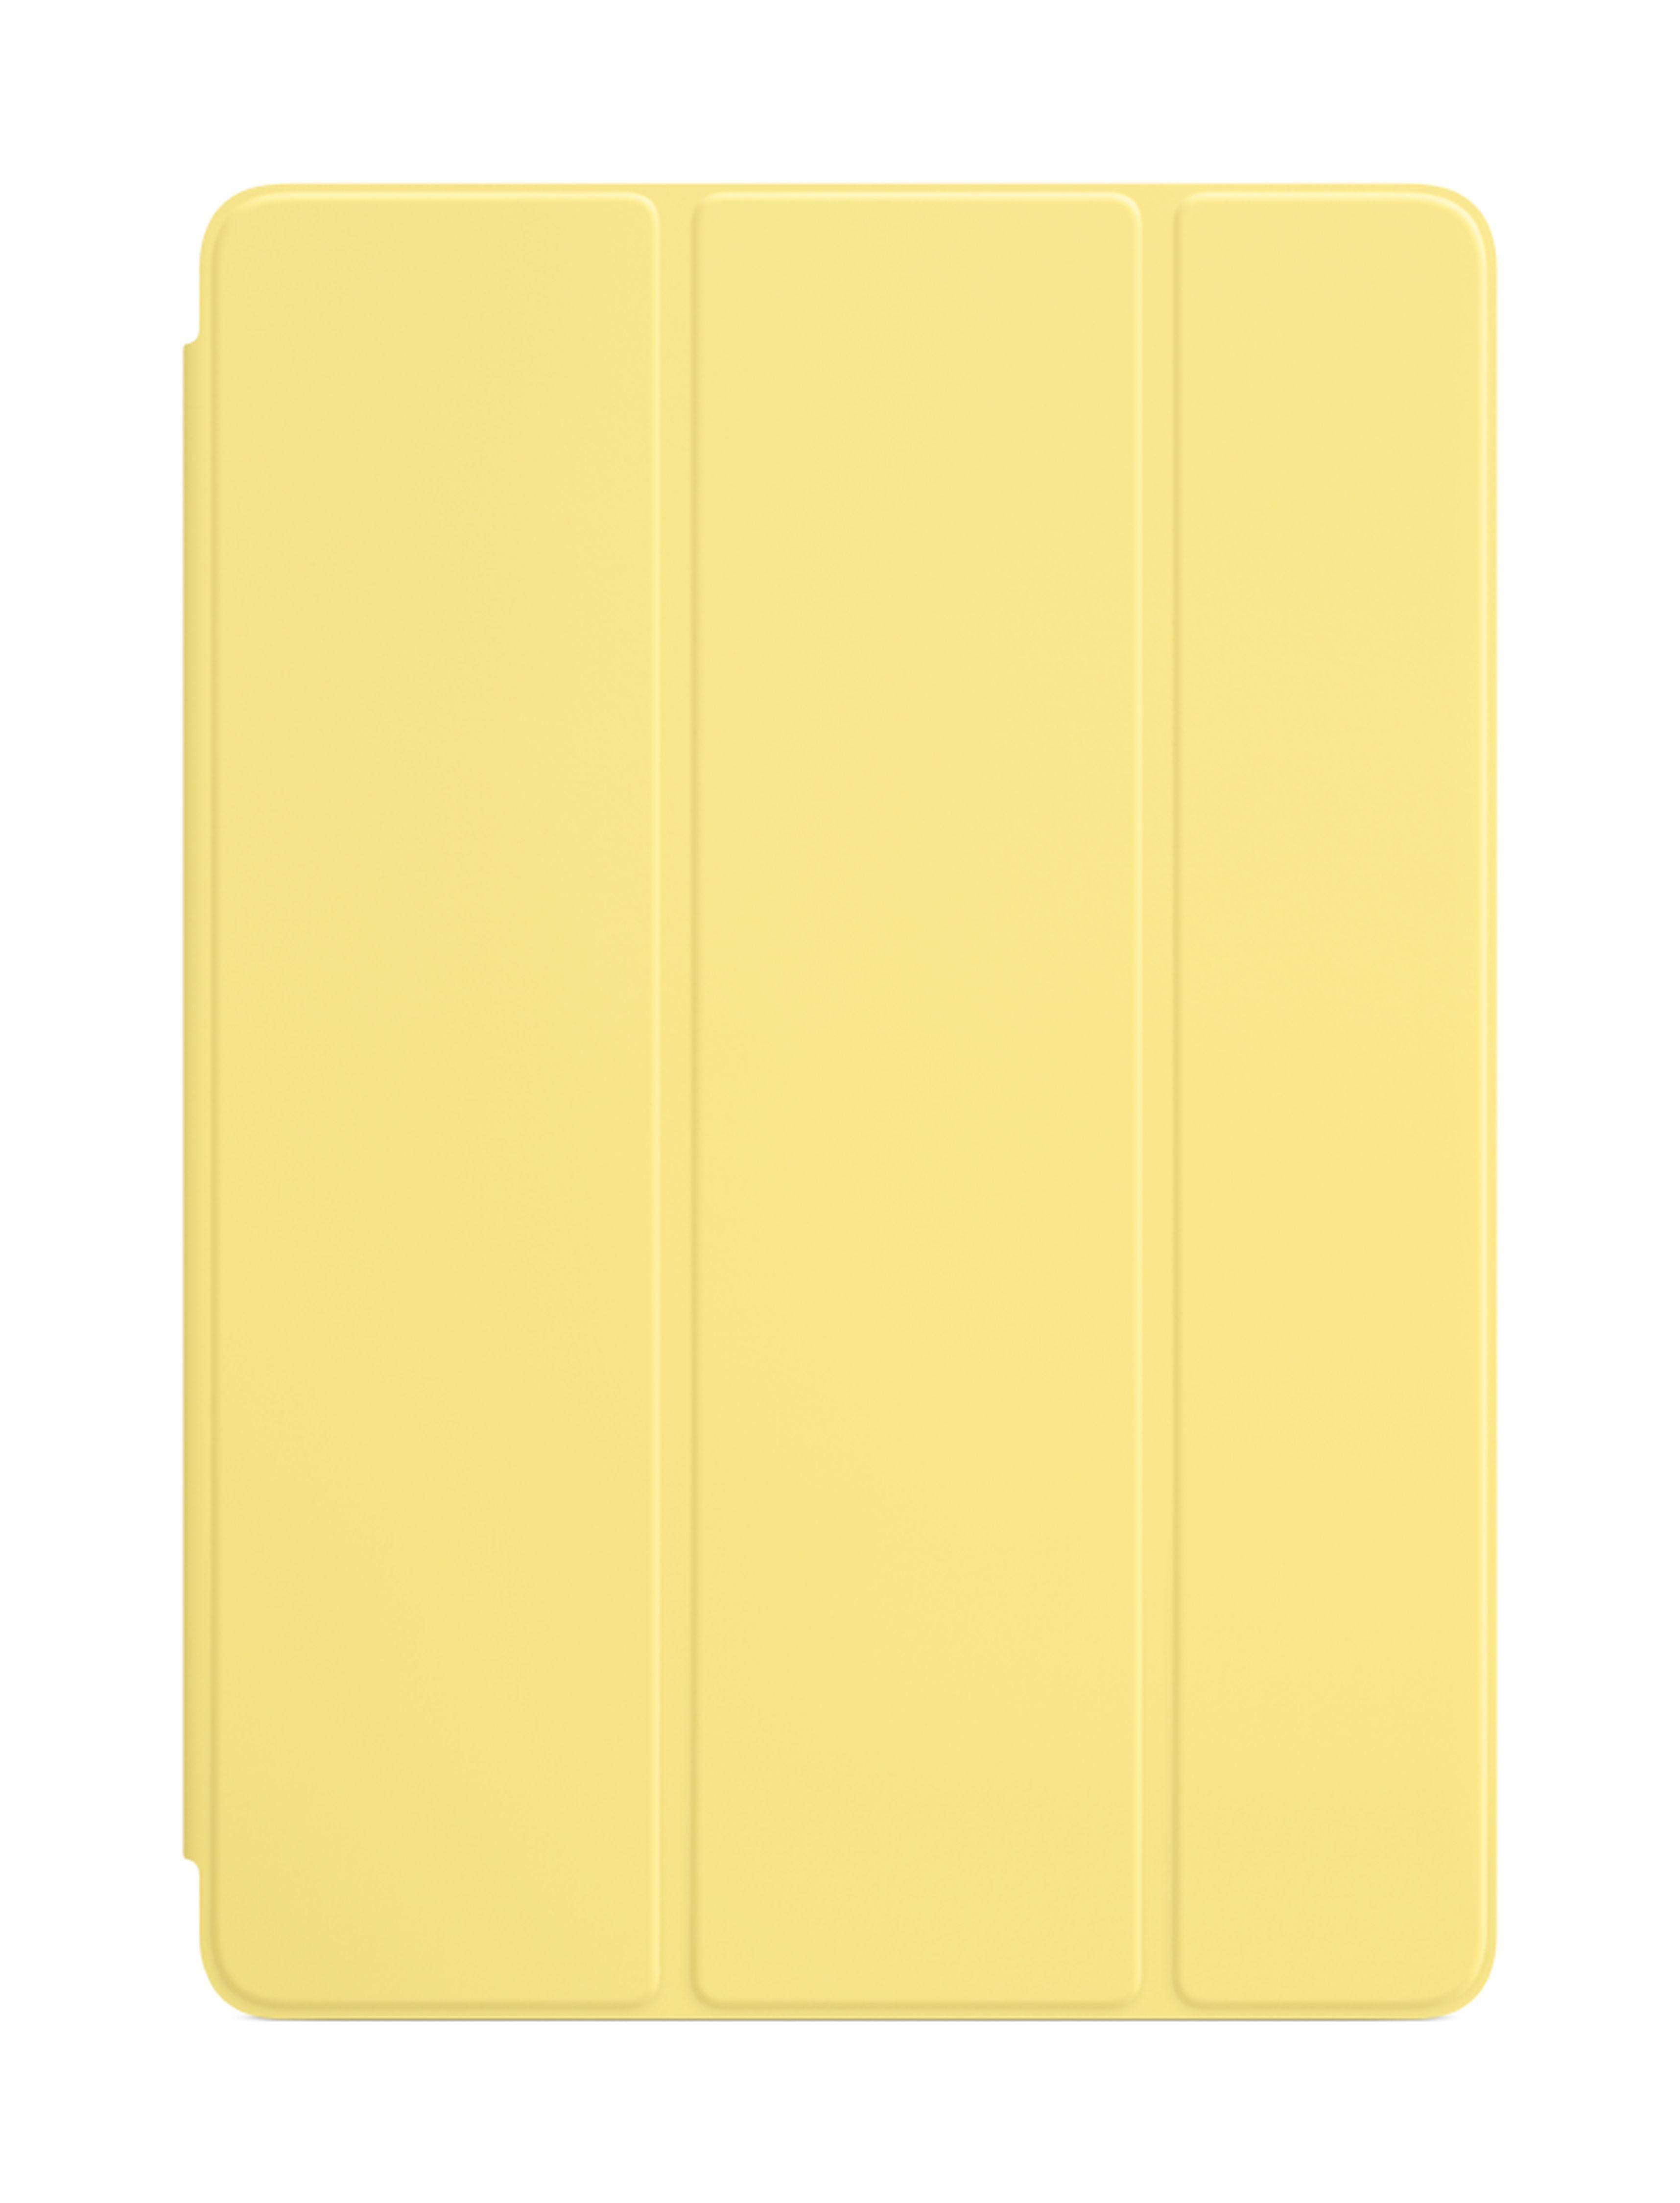 APPLE Schutzhülle »iPad Air 1, 2 Smart Cover Gelb (MGXN2ZM/A)«